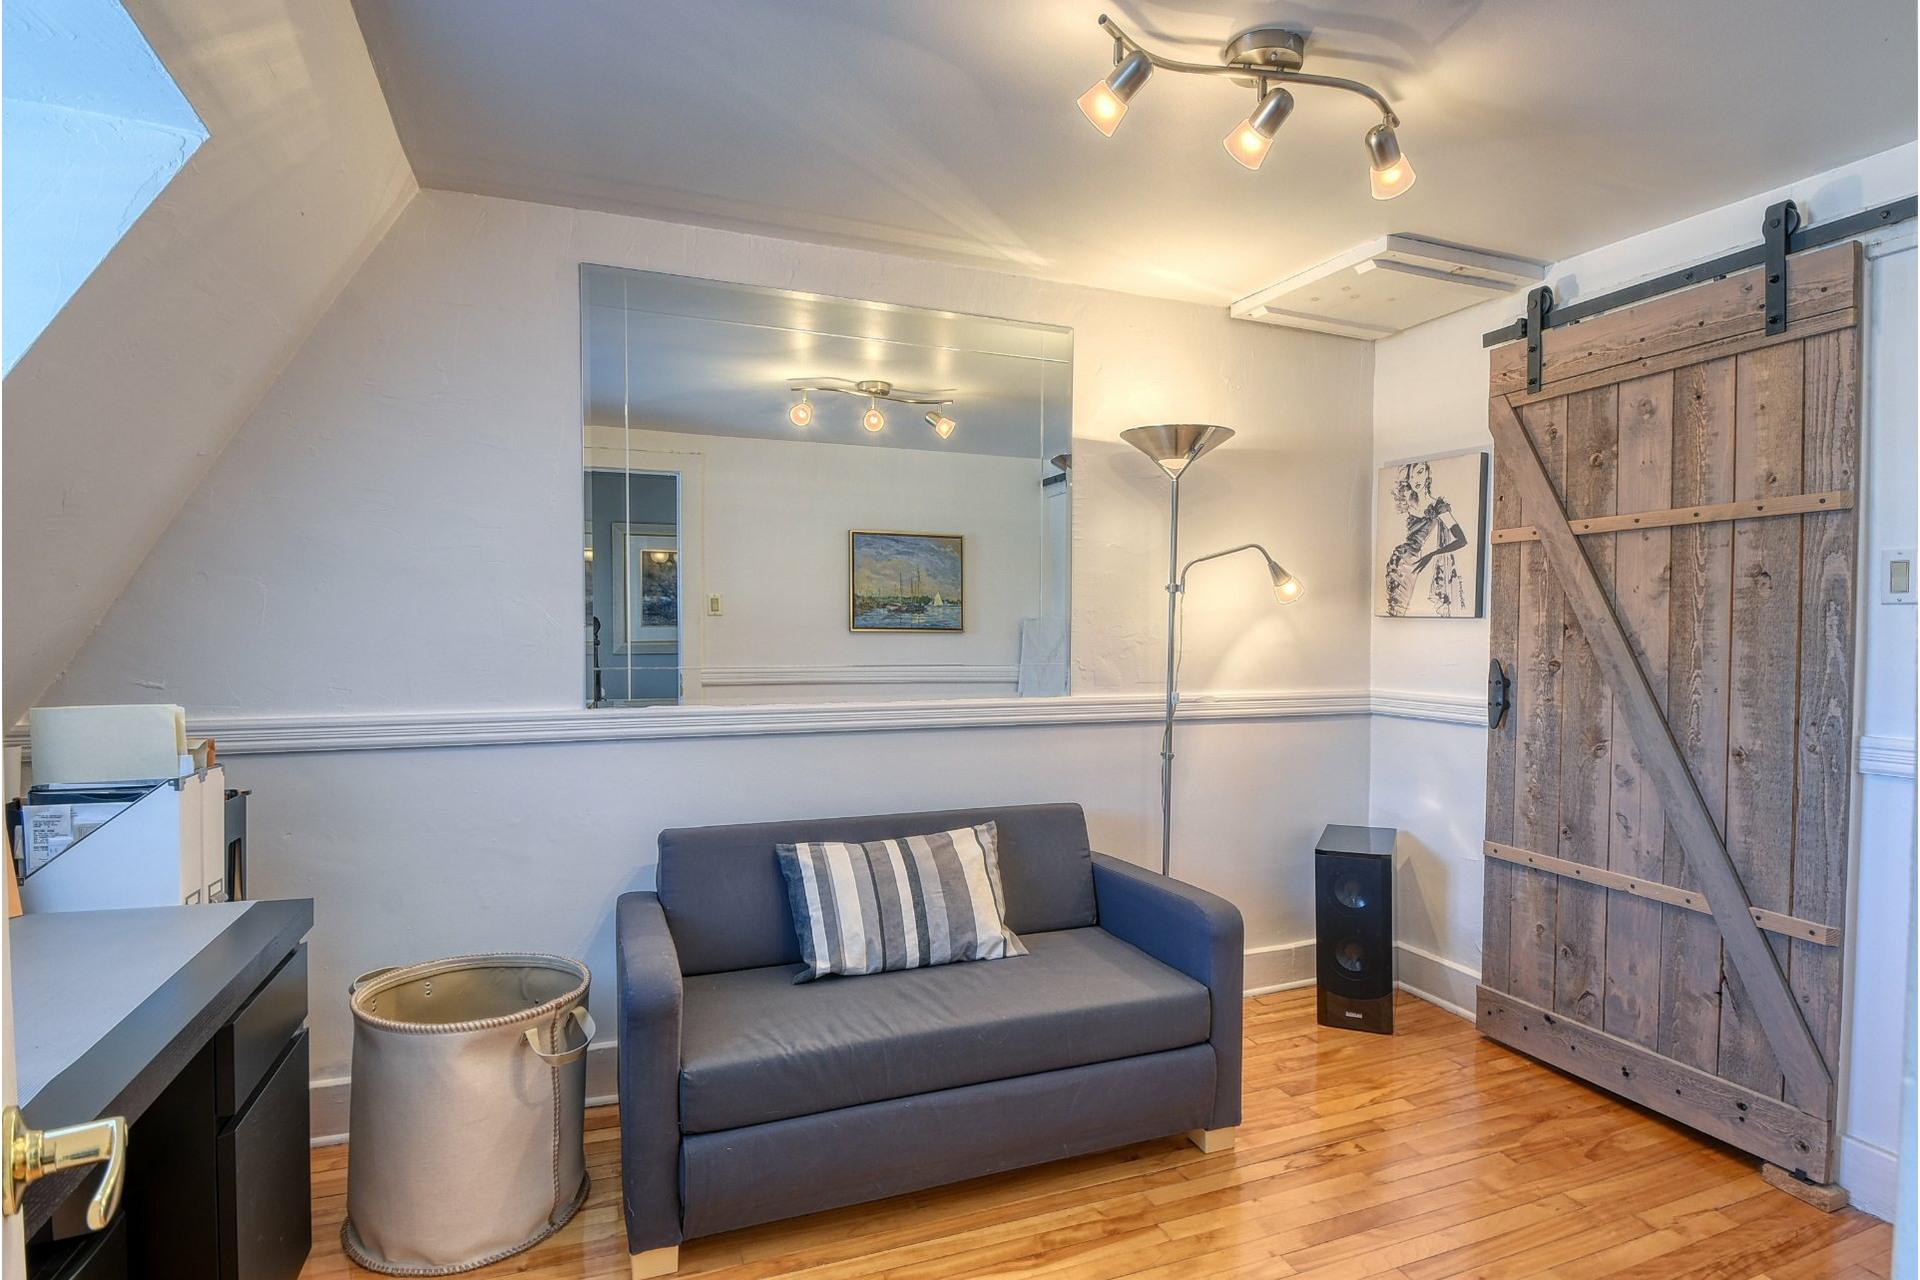 image 16 - Duplex For sale Lachine Montréal  - 5 rooms